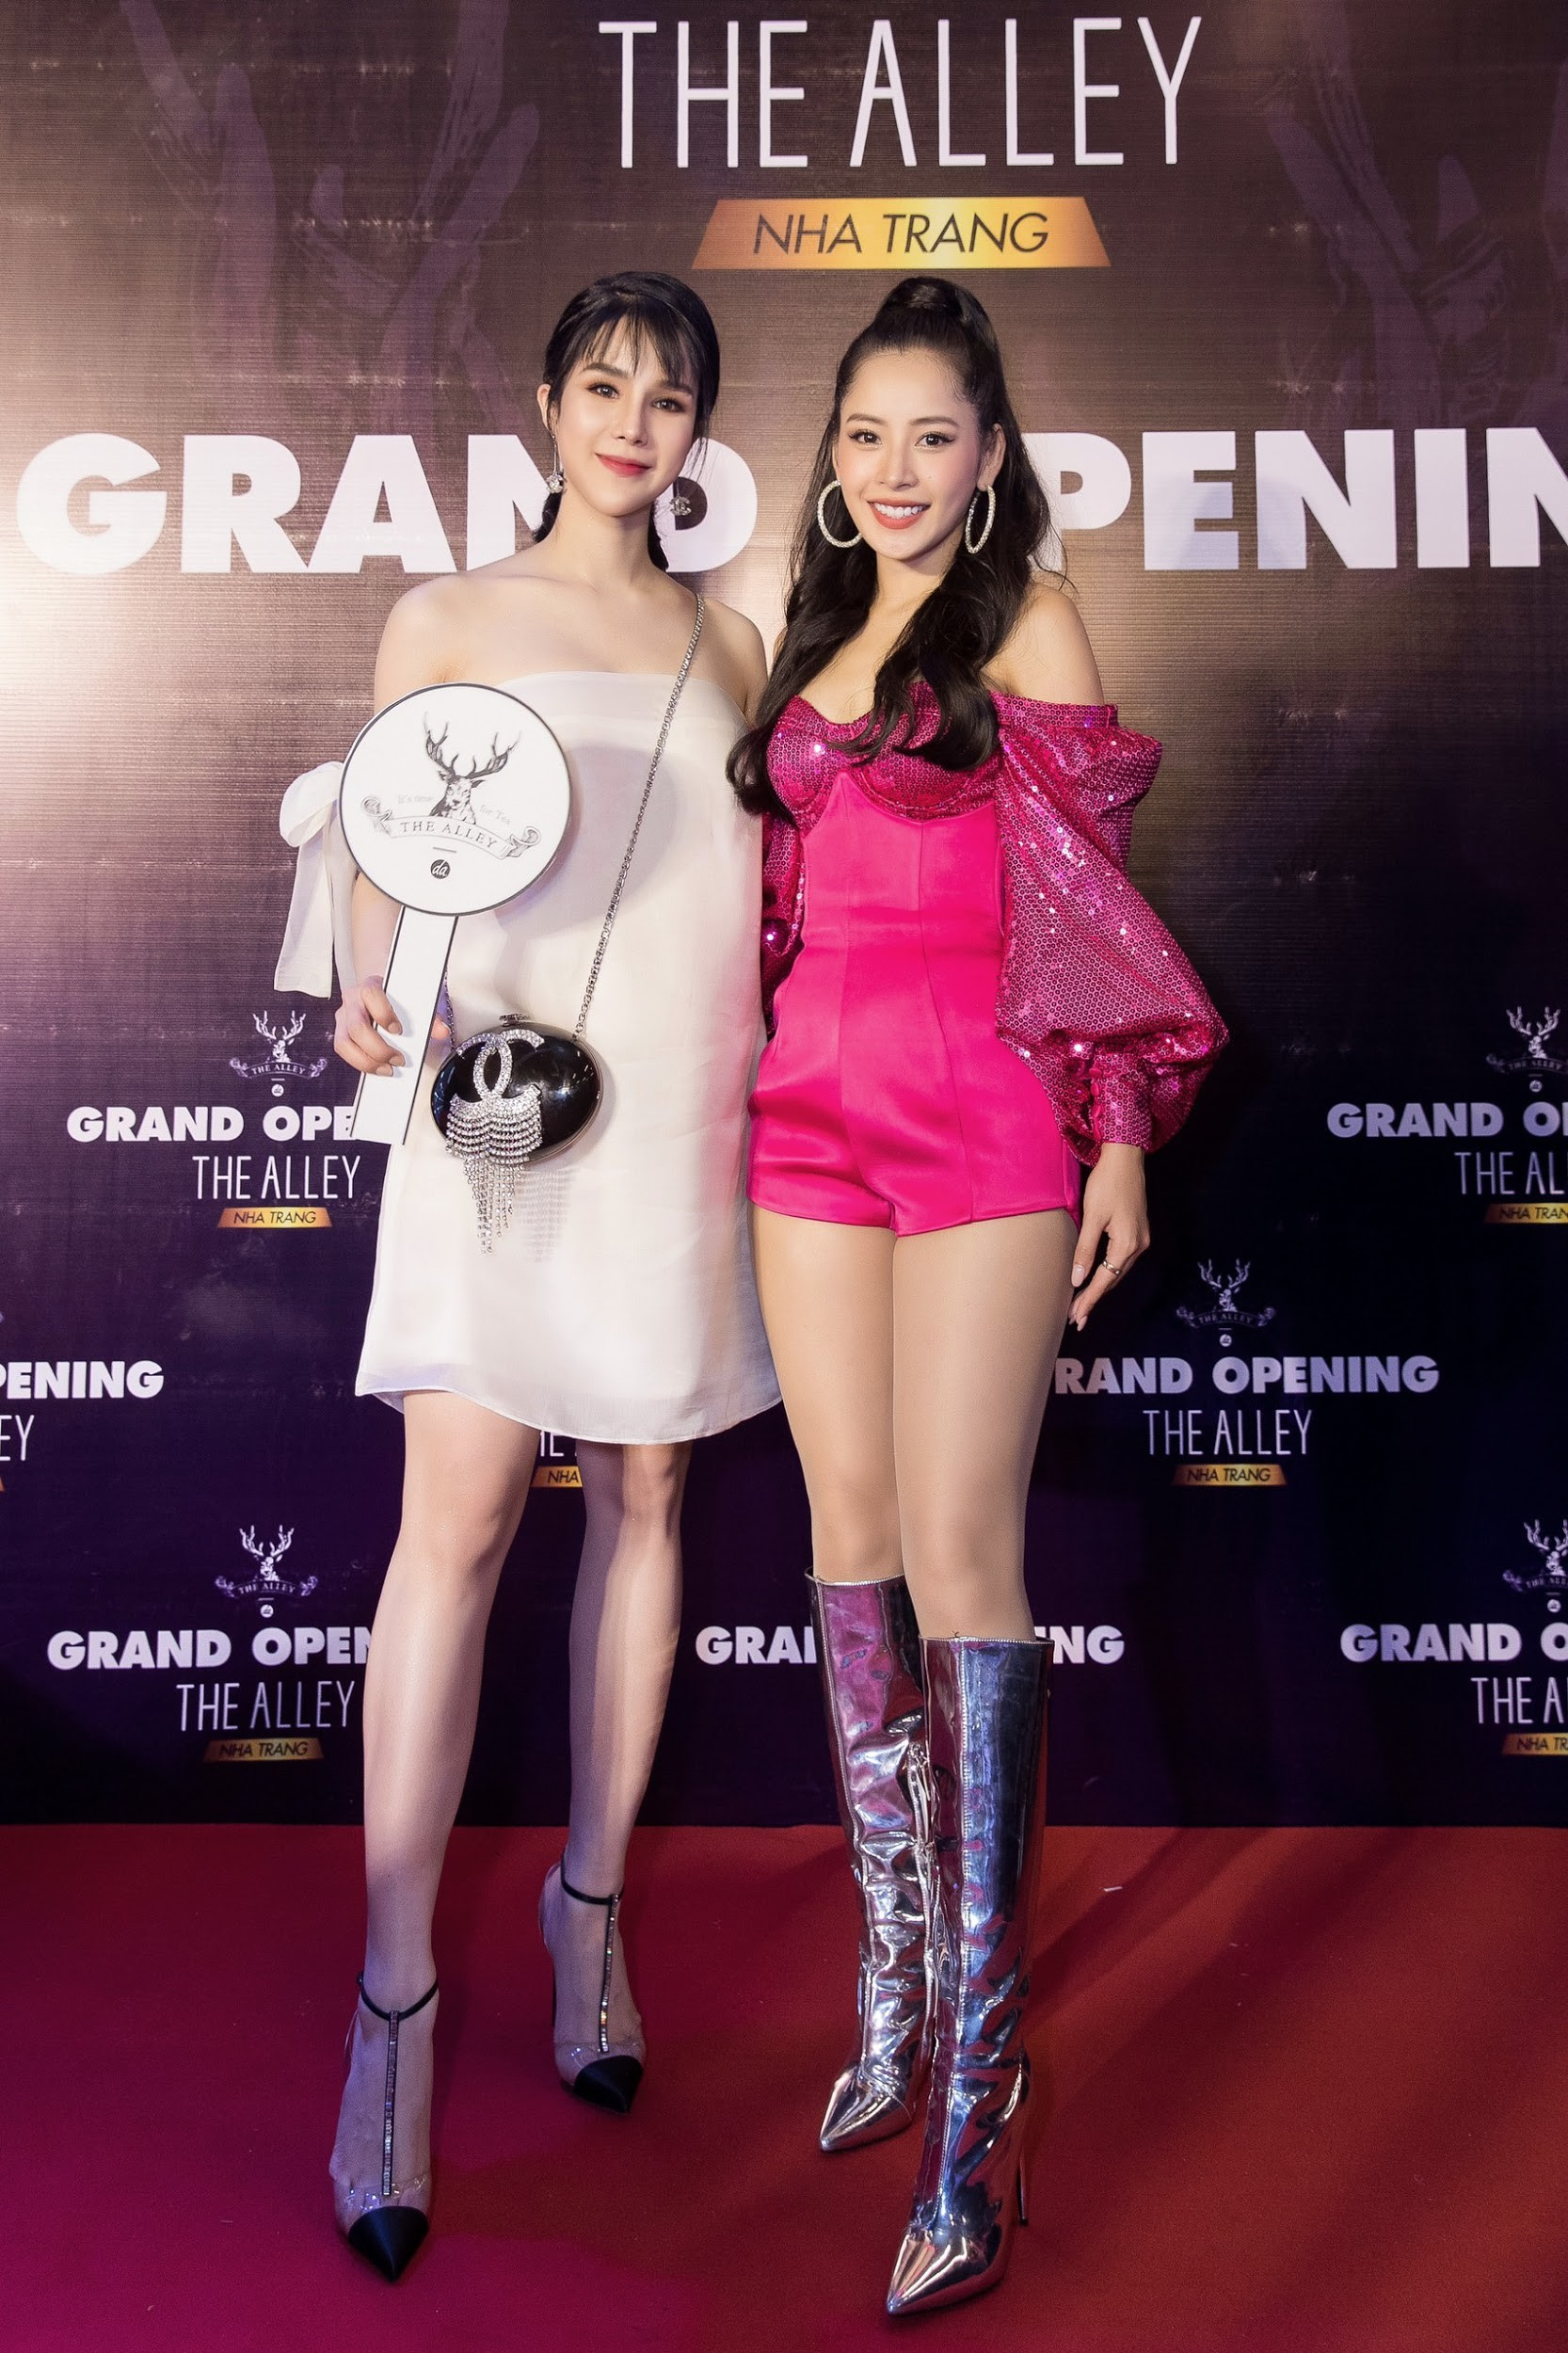 Bà bầu Diệp Lâm Anh tươi tắn đọ sắc với Chi Pu tại sự kiện khai trương The Alley Nha Trang - Ảnh 3.